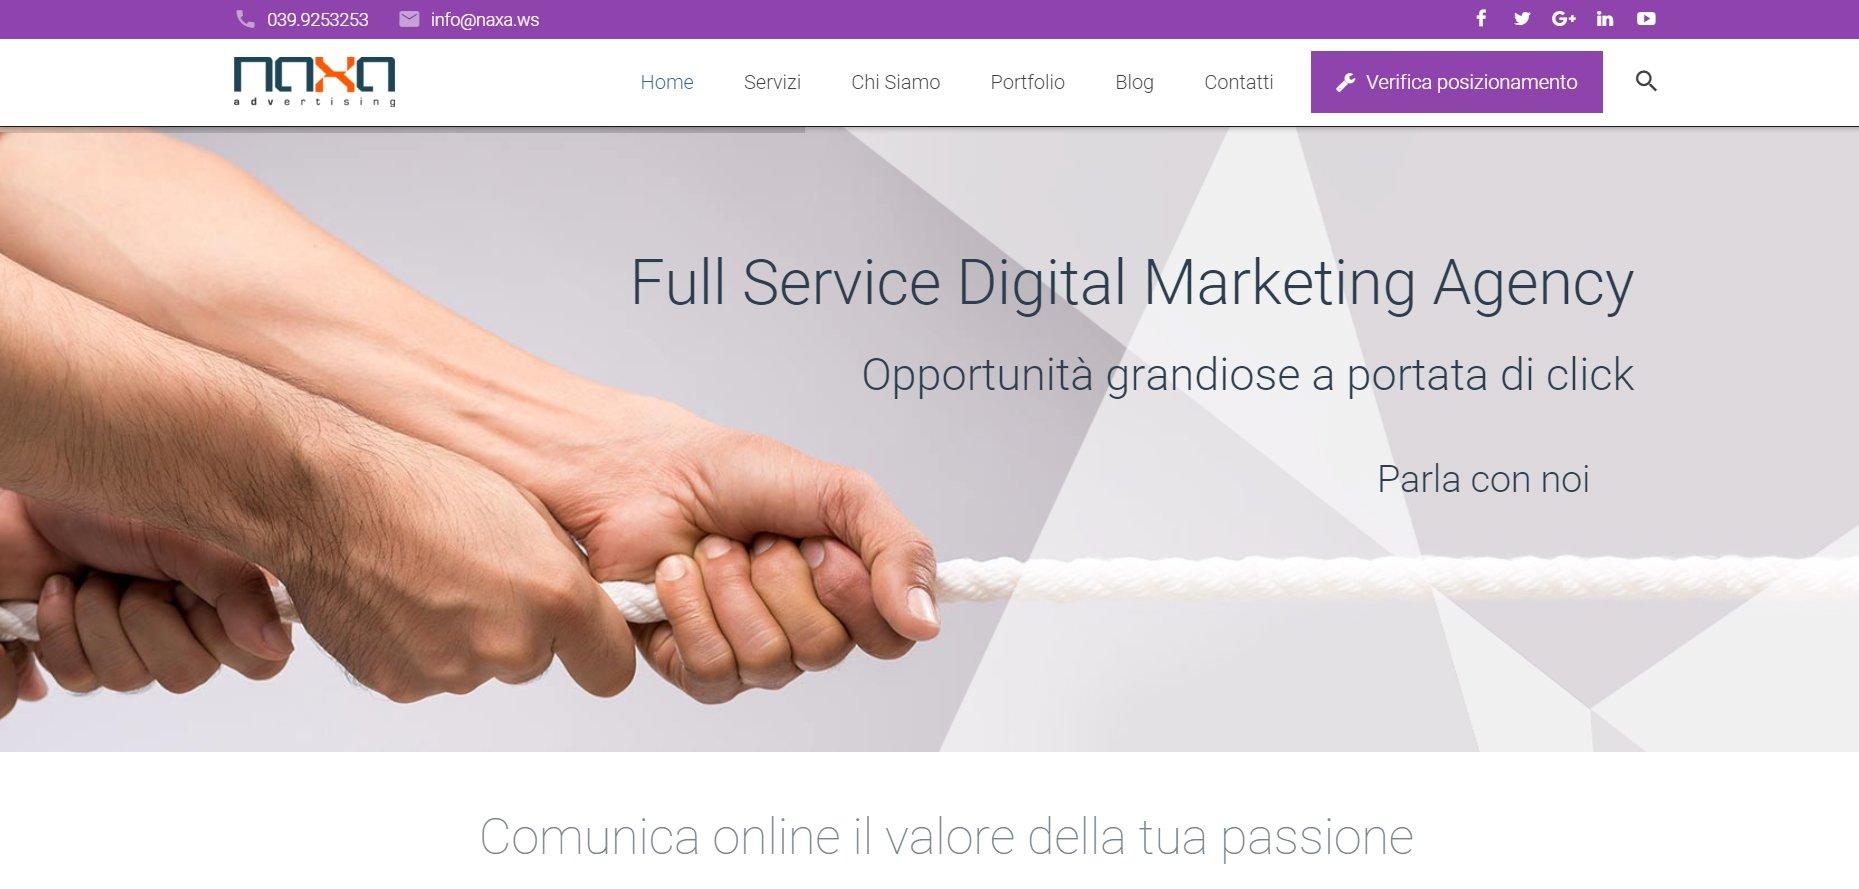 Digitalizzazione: Da Naxa Nuove Tecnologie e Tools per Migliorare le Perfomance Online delle Aziende